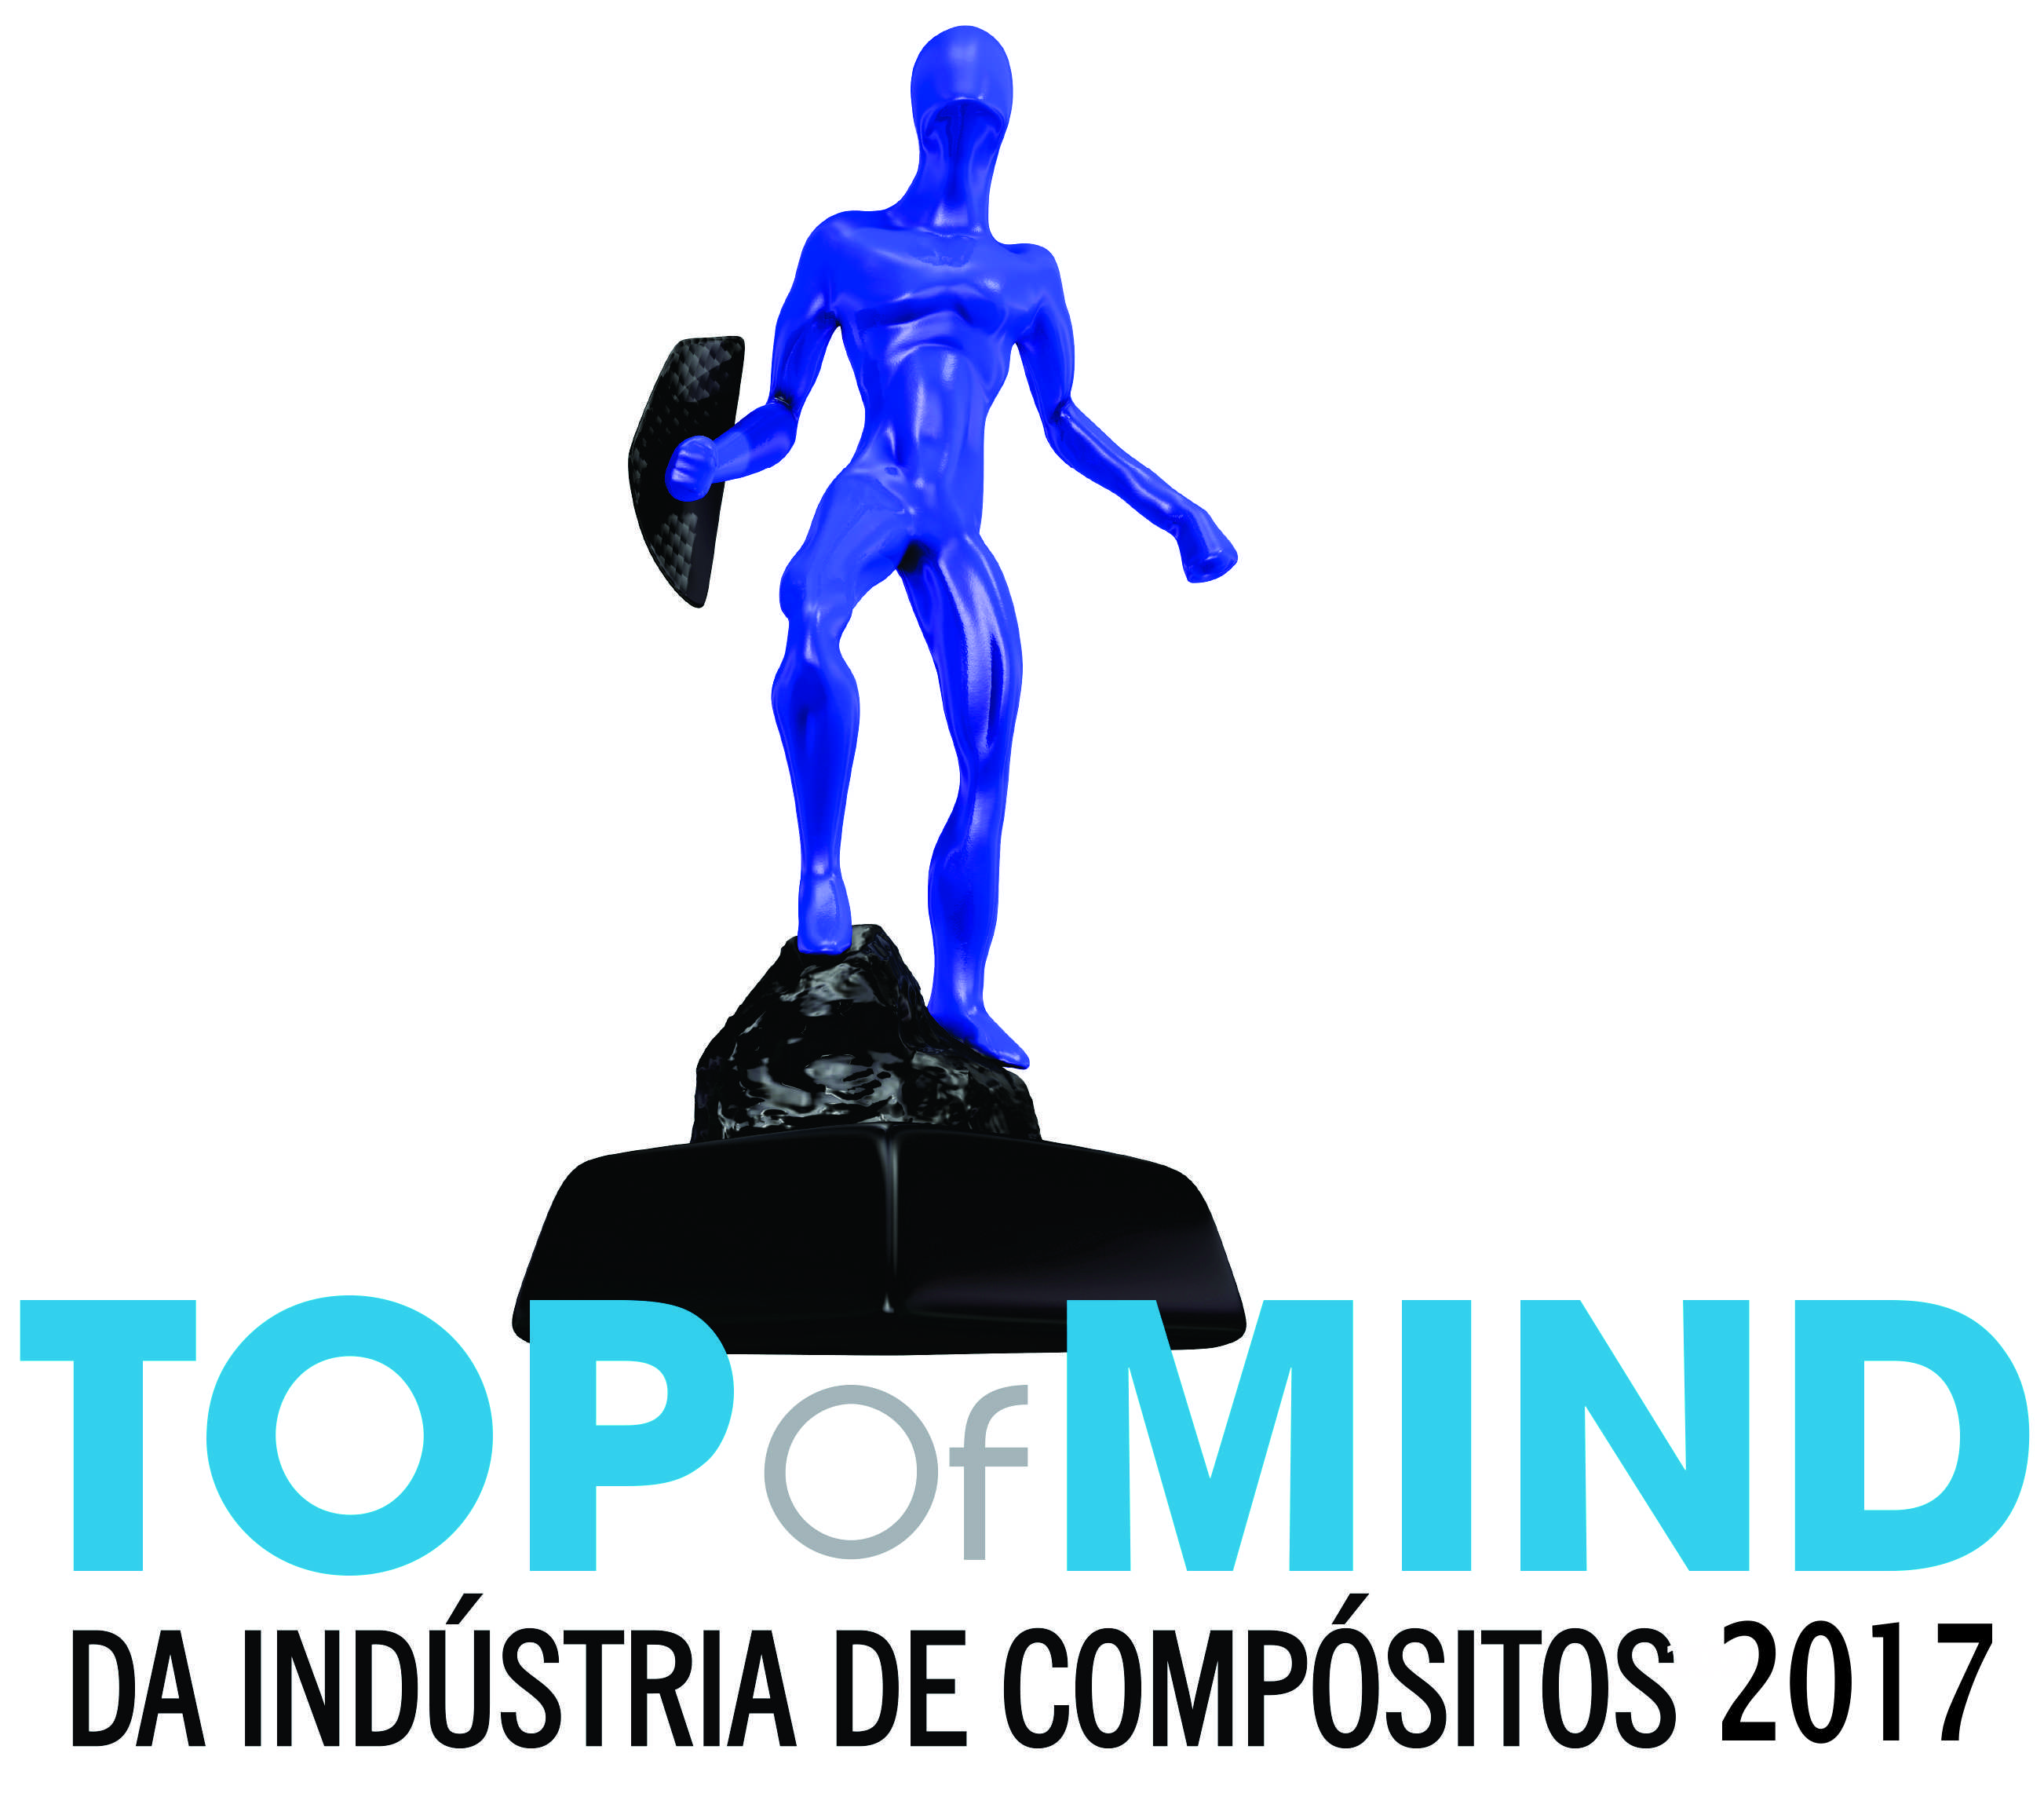 No dia 25/09, a Destaque Business Research dará início à pesquisa que apontará os vencedores do Top of Mind da Indústria de Compósitos 2017